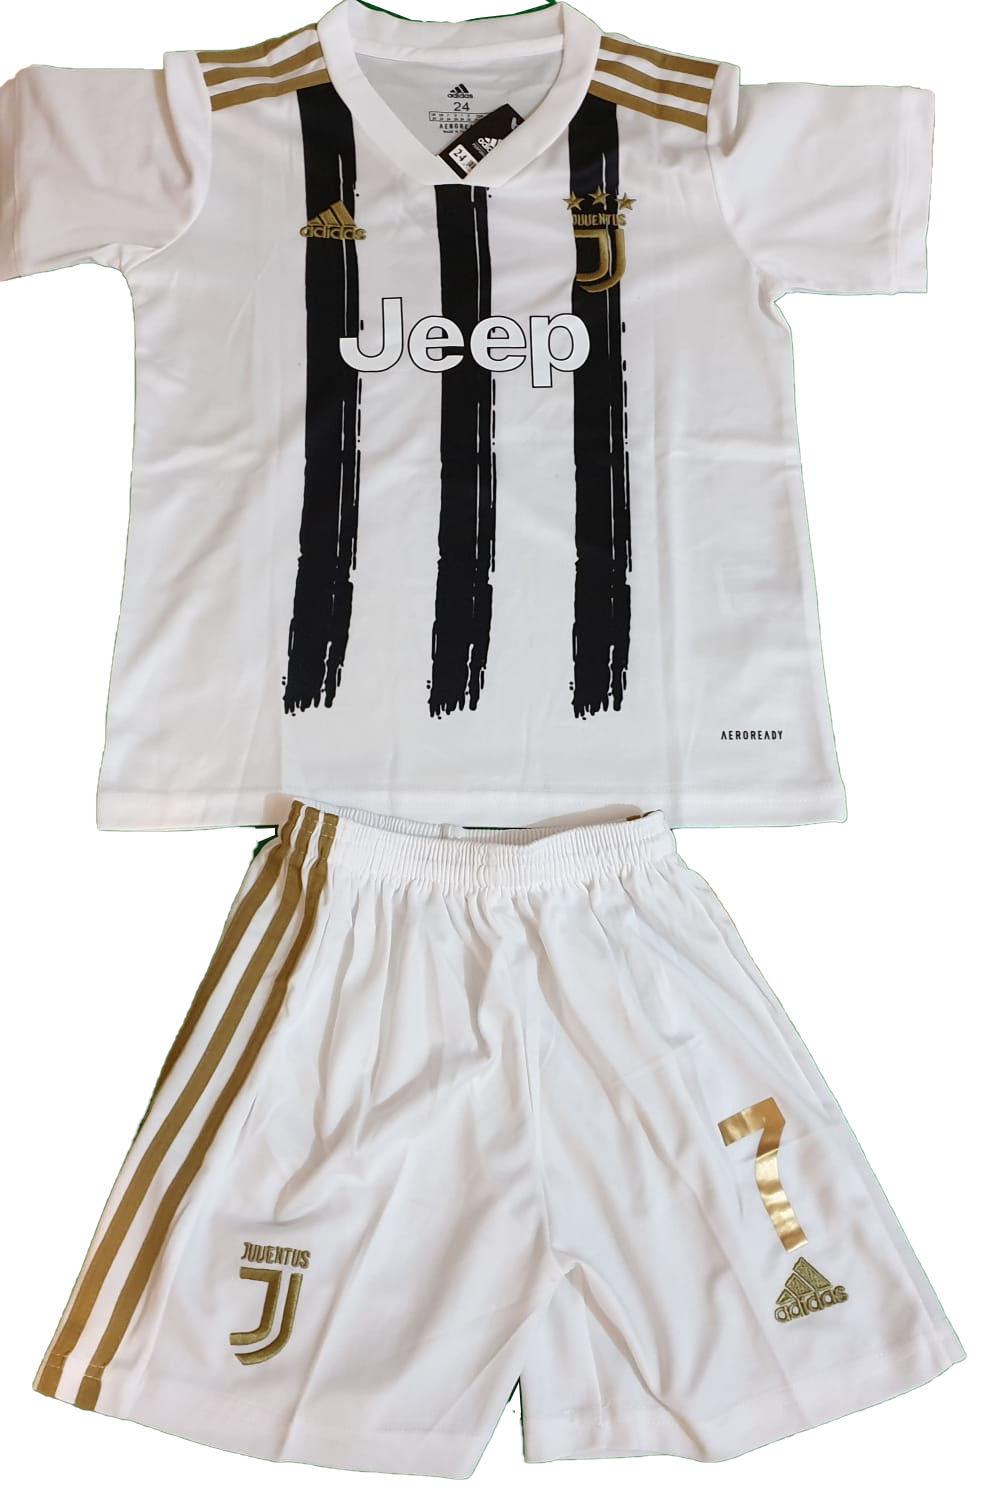 חליפת כדורגל יובנטוס החדשה של רונאלדו | 2021|